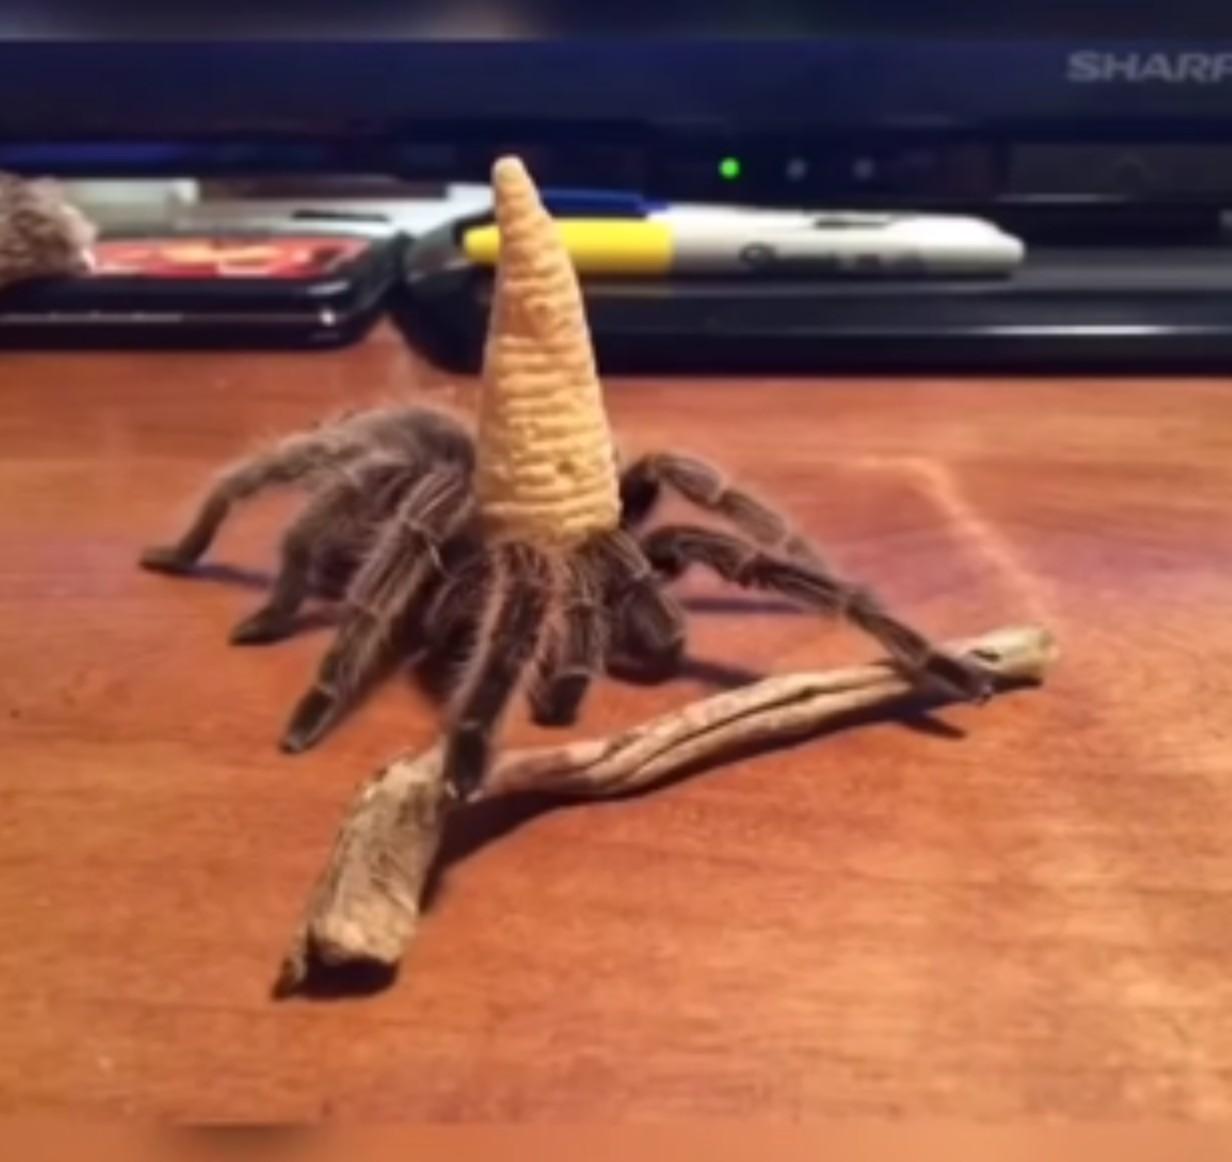 Gandalf des araignée - meme